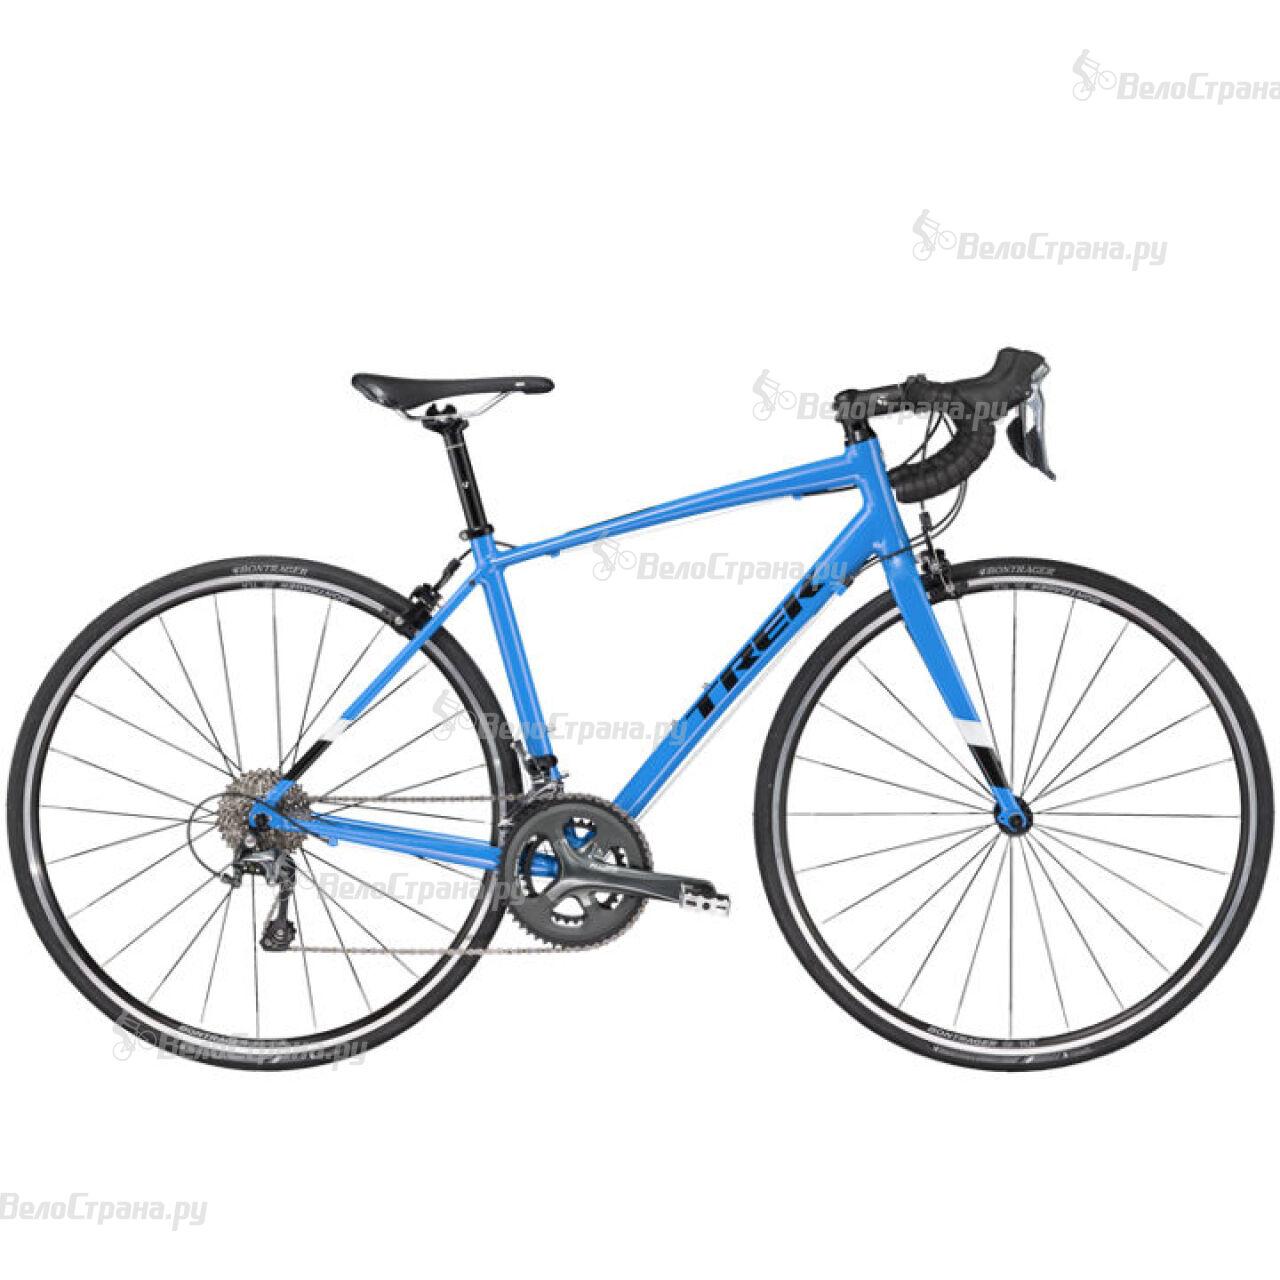 Велосипед Trek Lexa 4 (2017) велосипед trek lexa s 2013